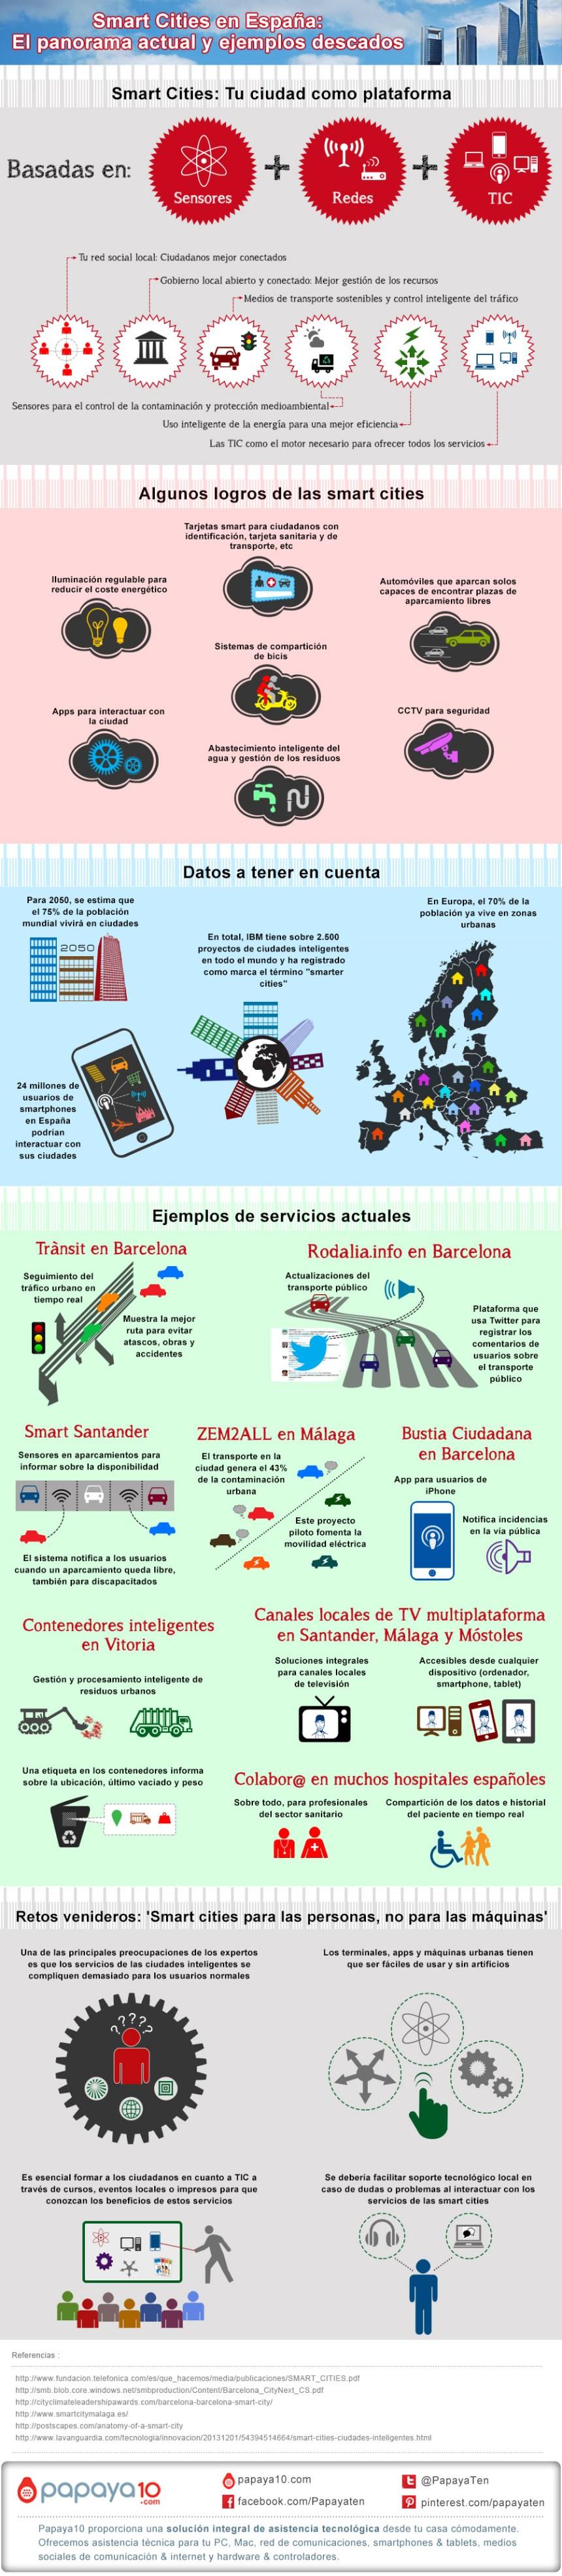 Smart cities en España: panorama actual